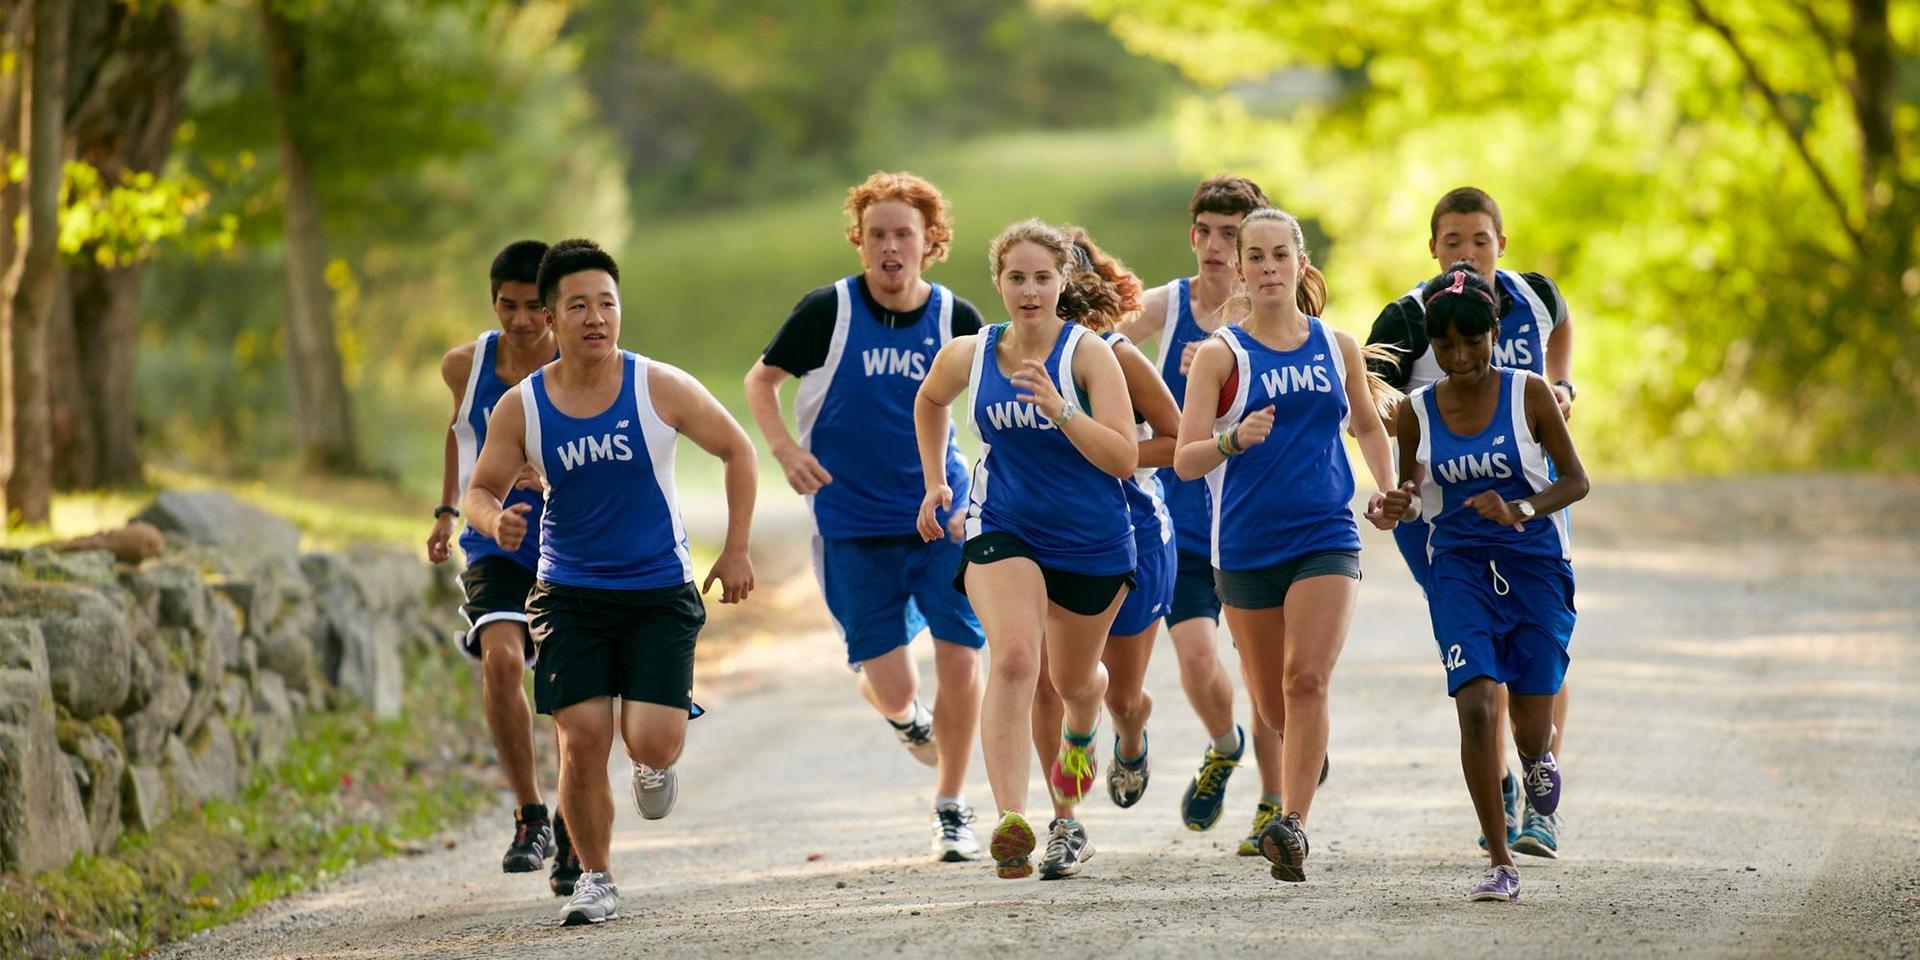 一群在西农场路上练习的越野跑者.